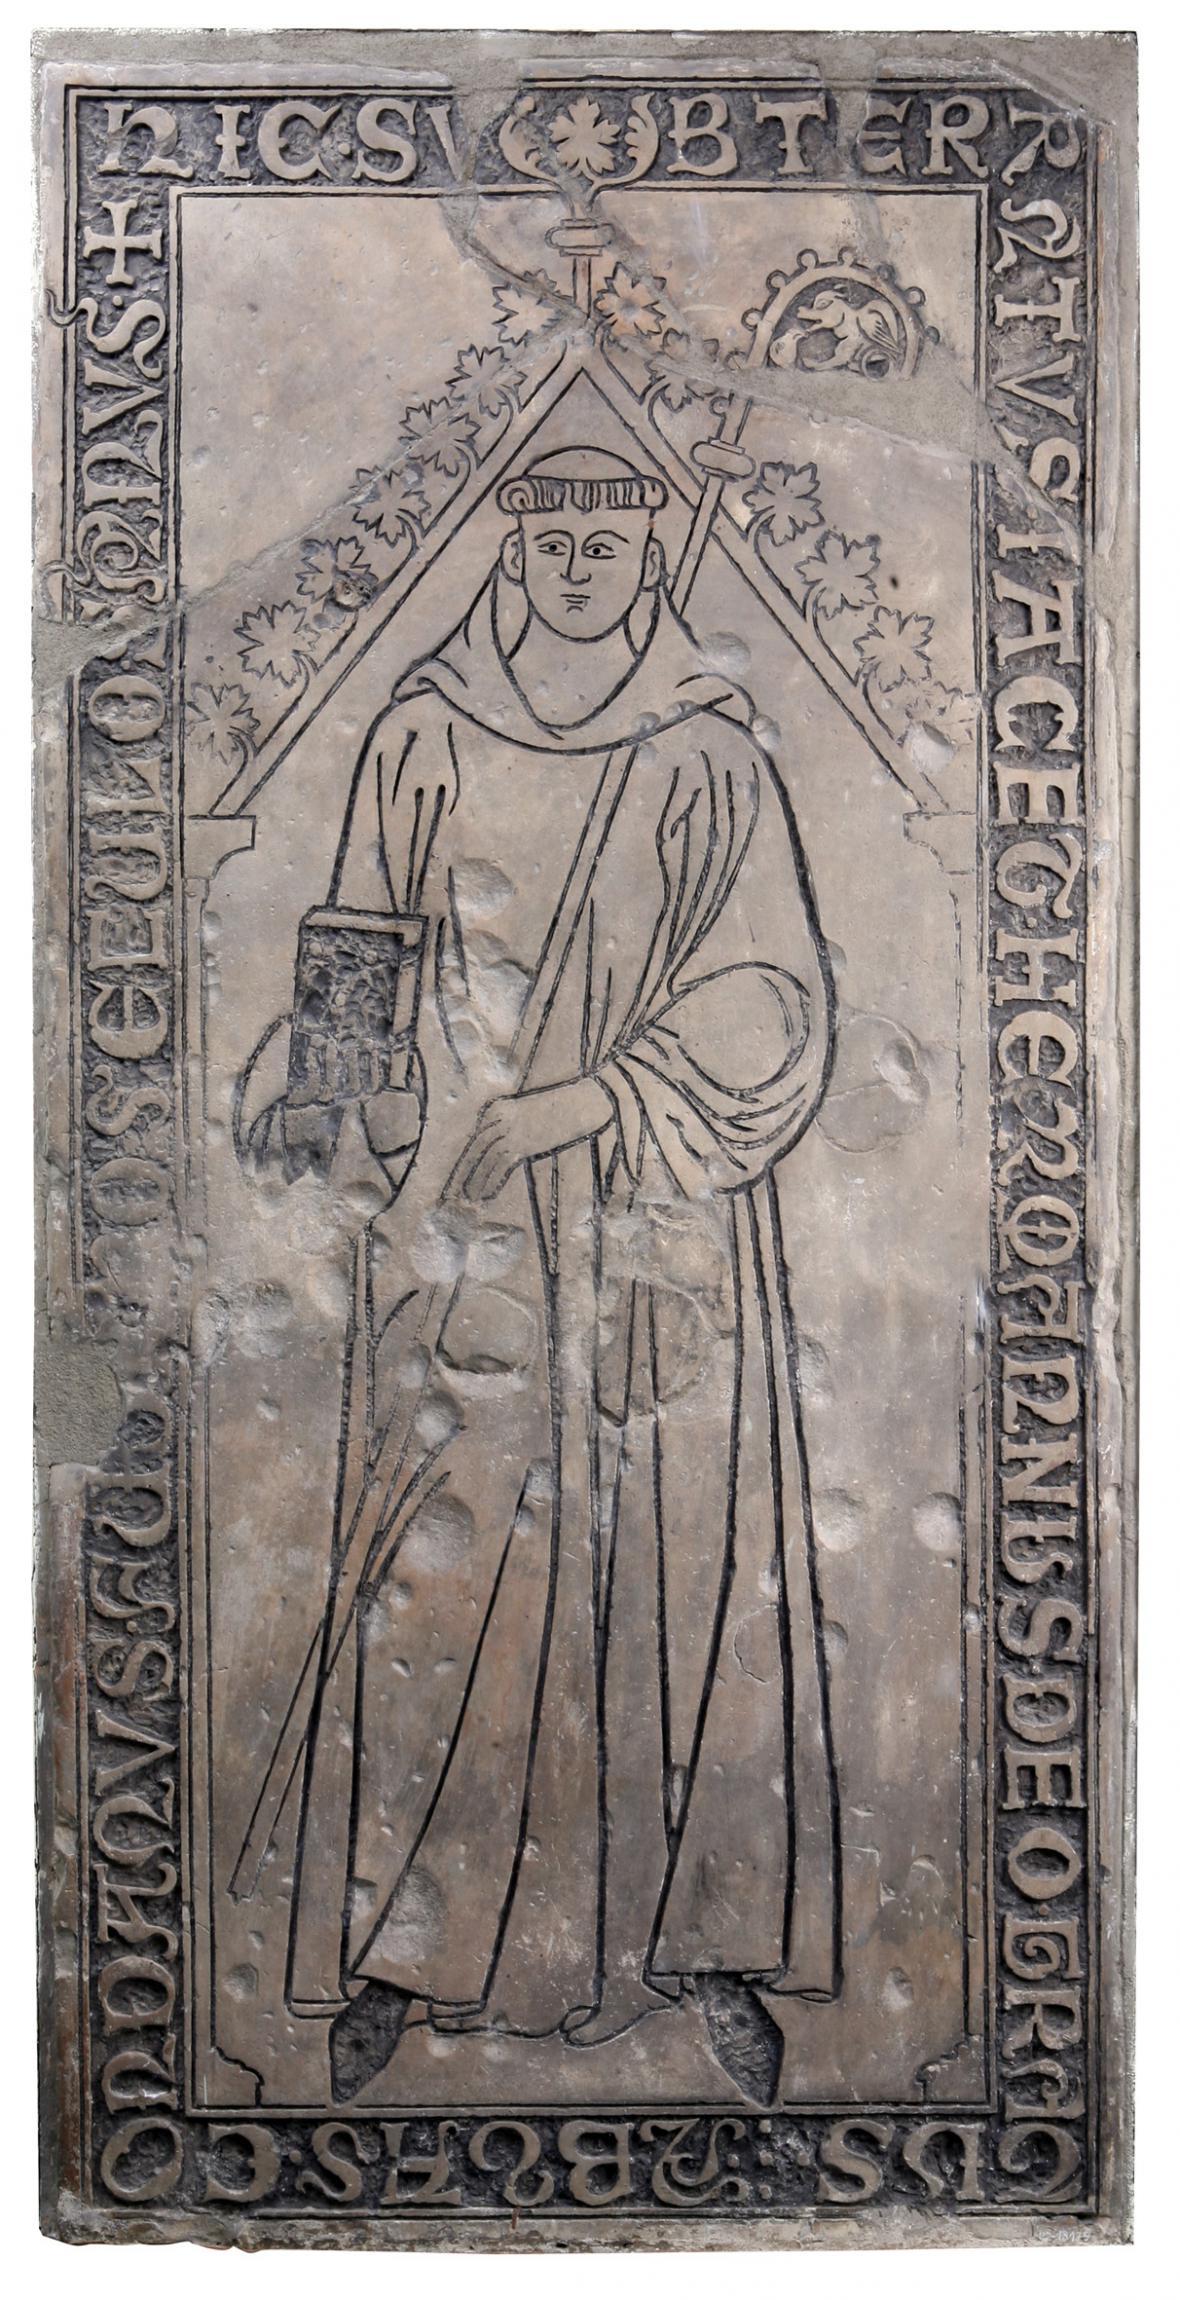 Náhradní deska oswovského opata Heřmana